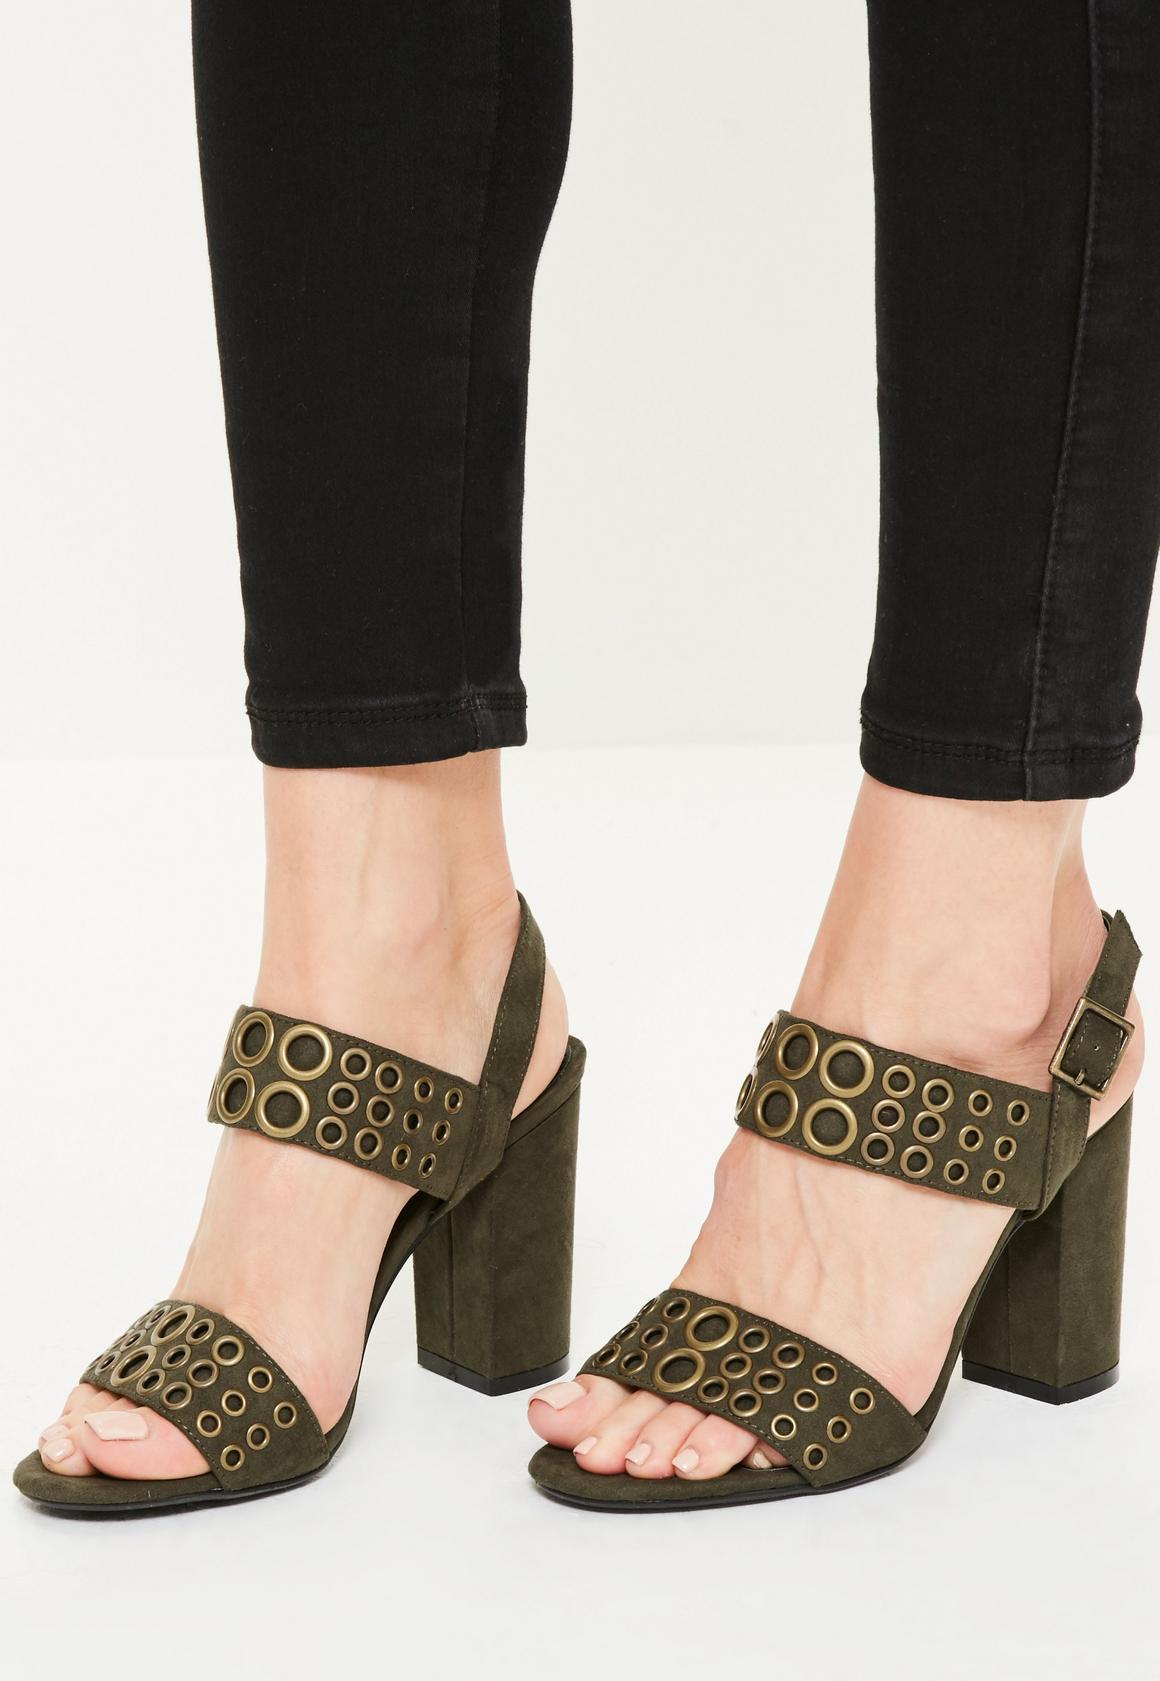 talons carrés | sandales à talons carrés femme - missguided